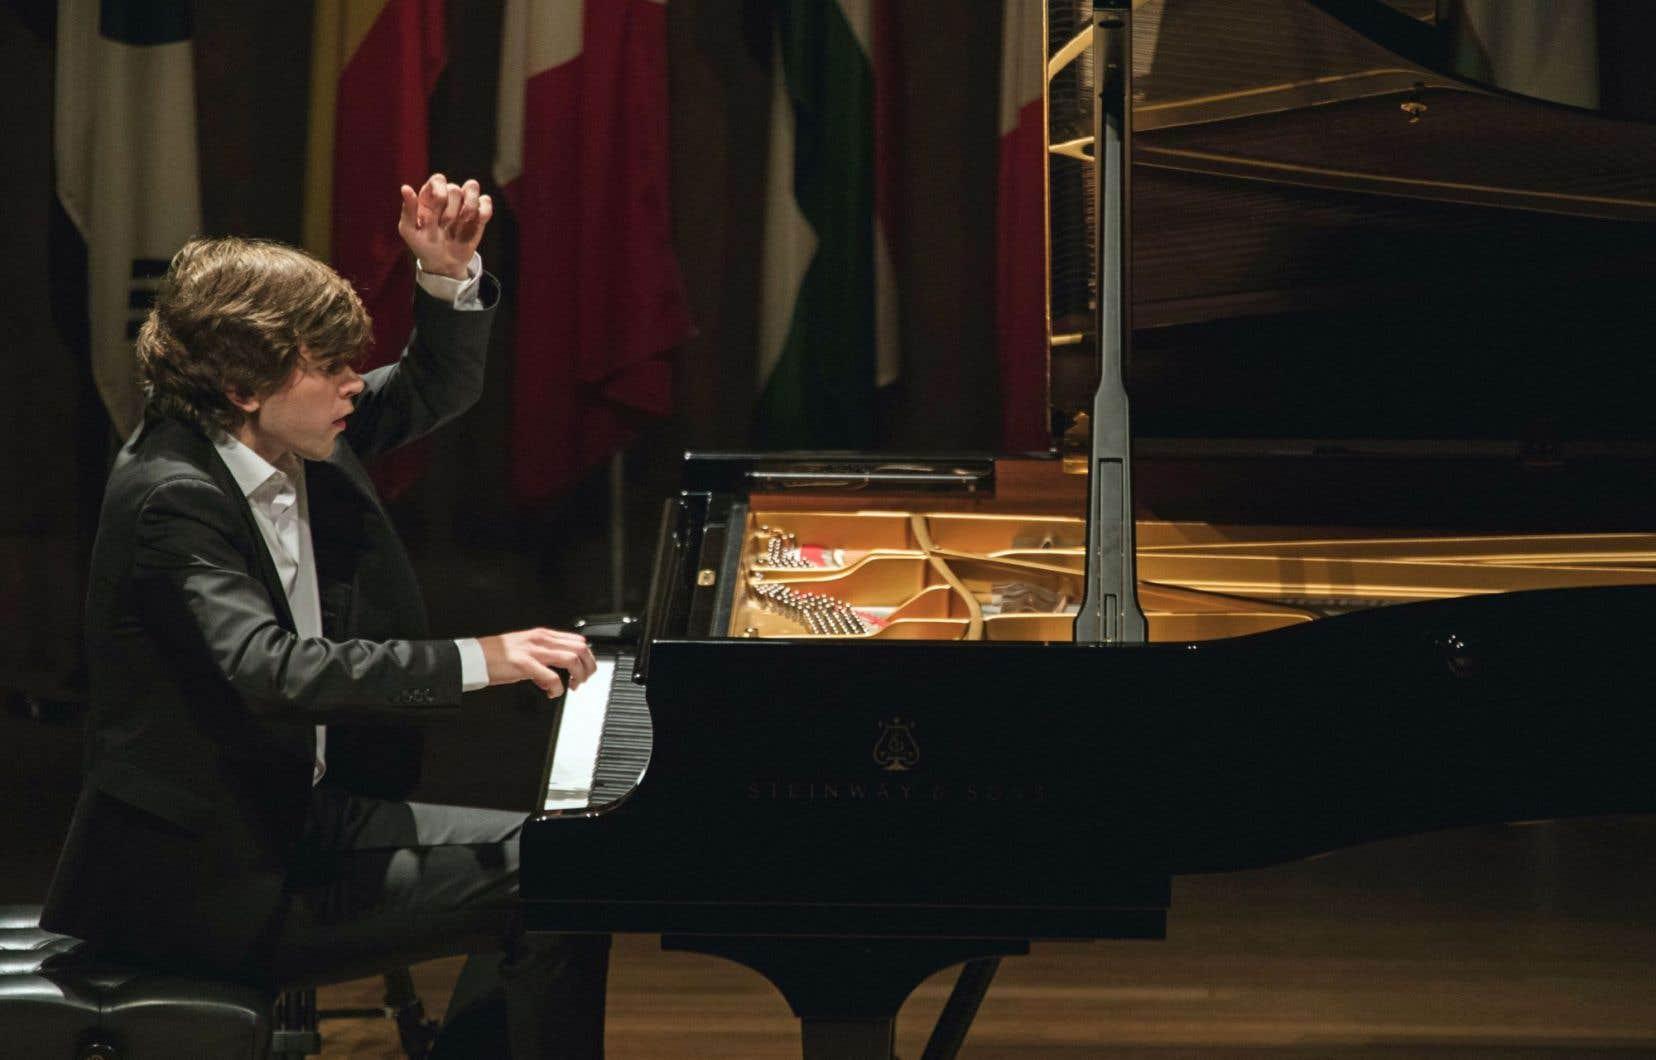 Albert Cano Smit a tenu le choc du concerto et bravé toutes les conditions adverses avec une sorte de grâce ailée